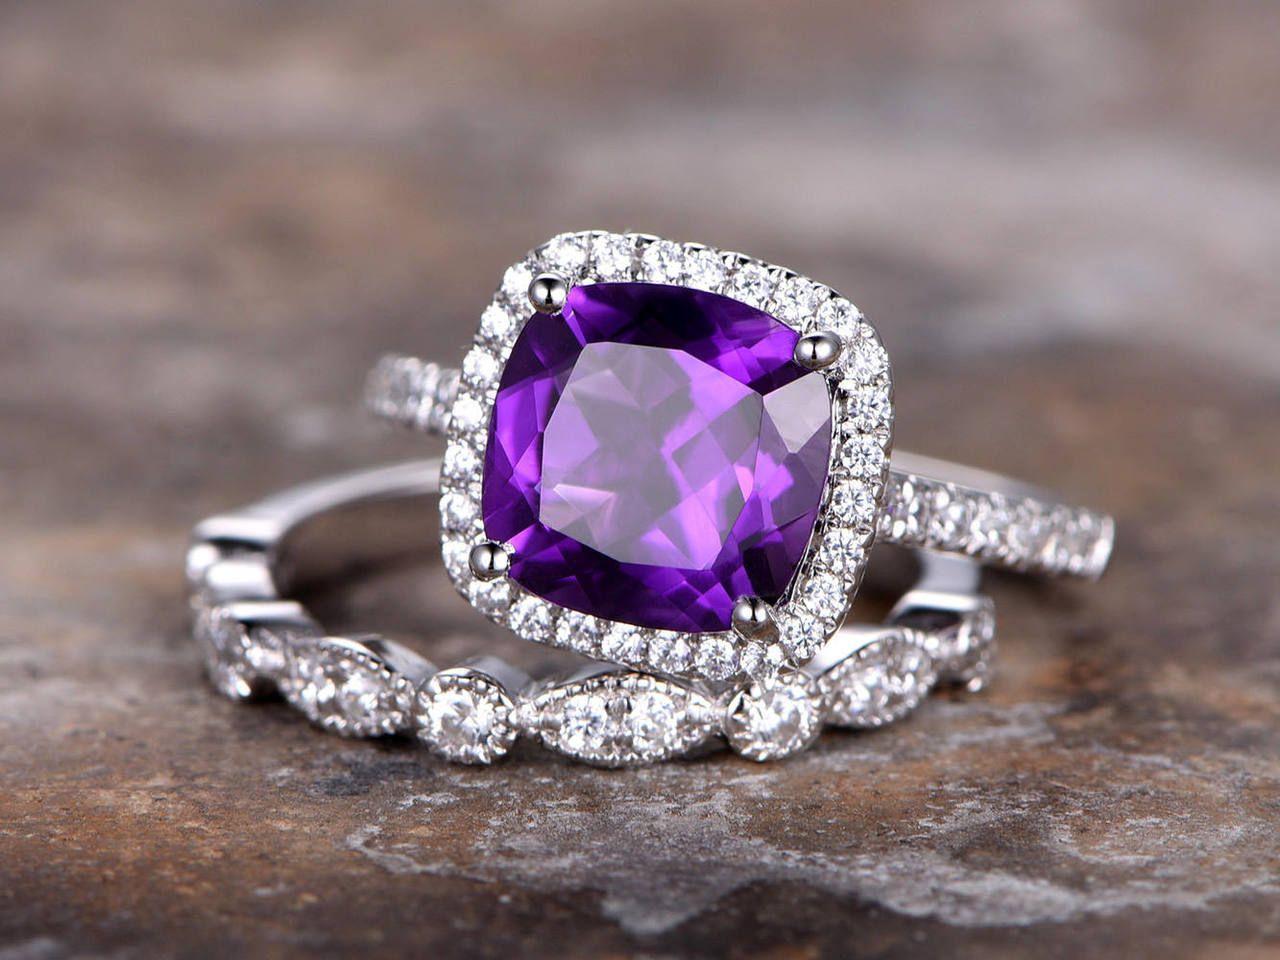 2pc amethyst ring set8mm cushion purple amethyst